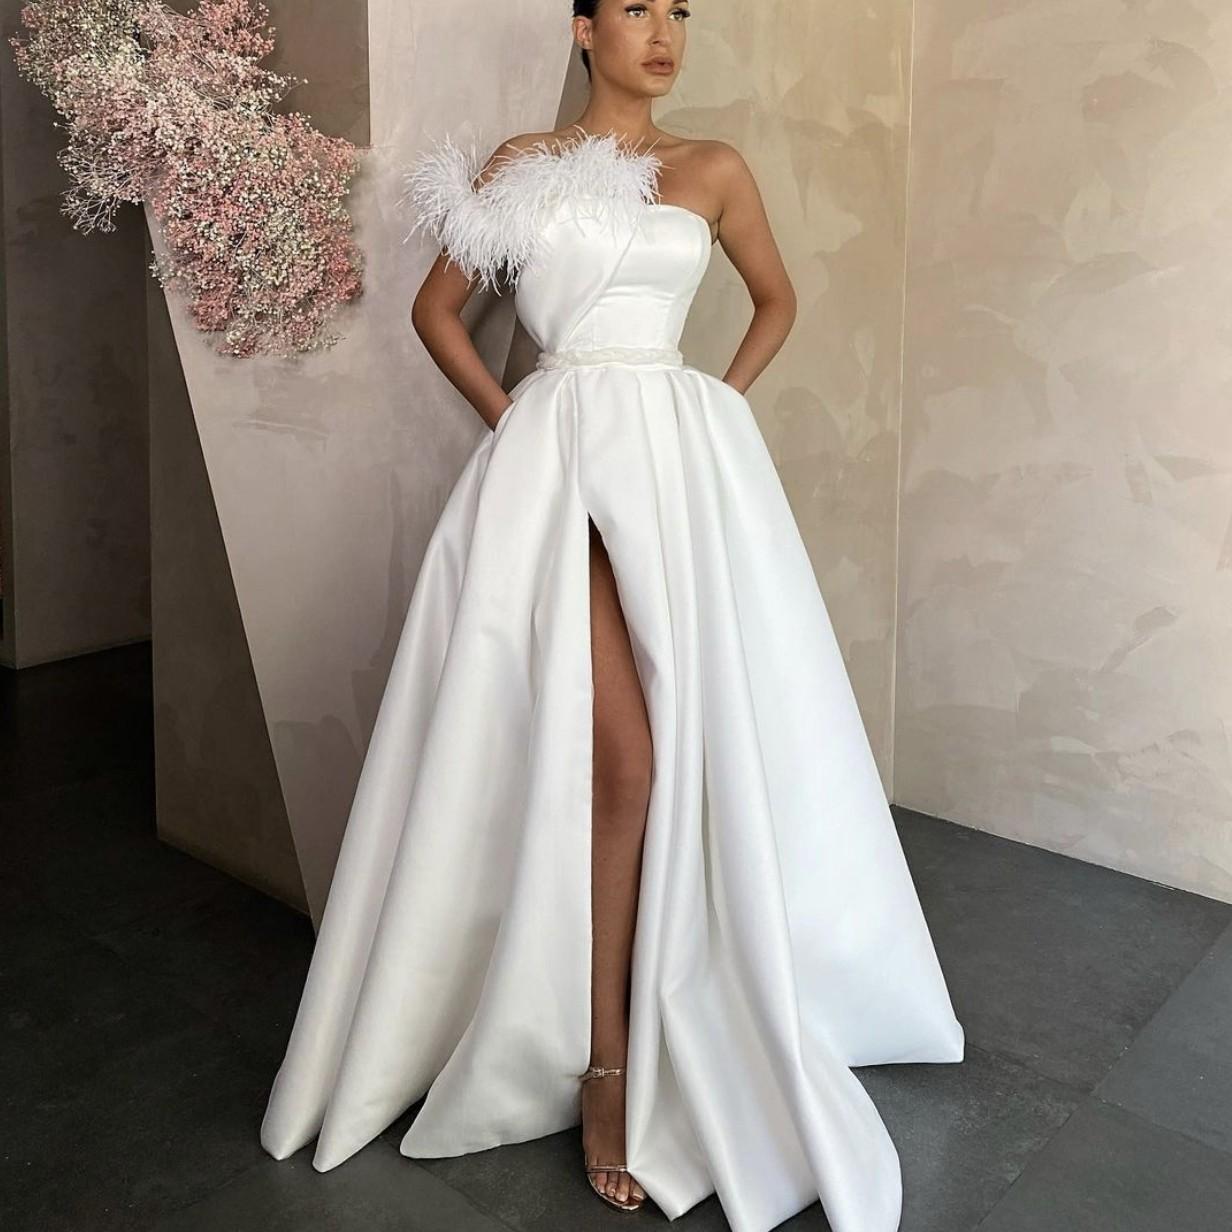 2021 elegante weiße satin abendkleider lange rot black prom-kleider mit  taschen federseite slit formale partykleid